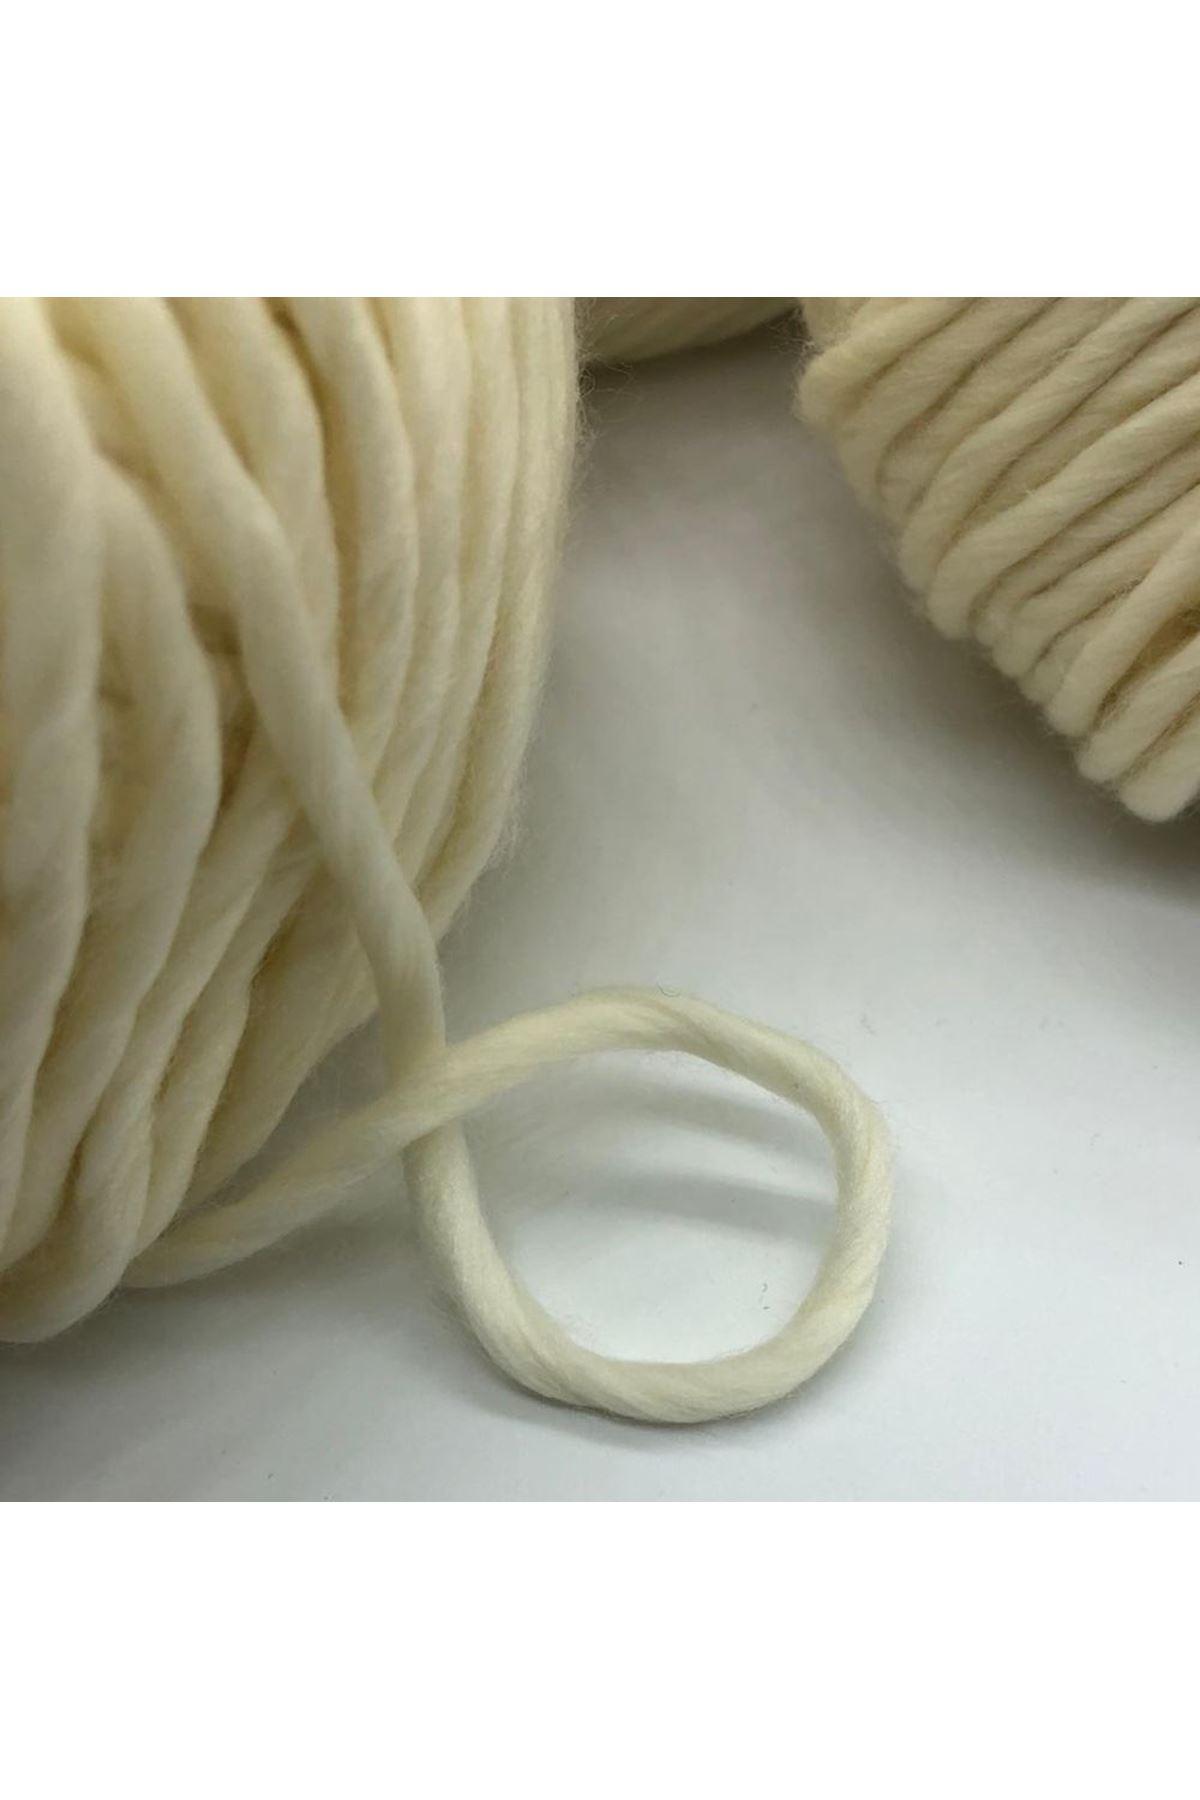 İhrac Fazlası 4'lü Paket 600 gram Kazaklık Akrilik 965 Krem